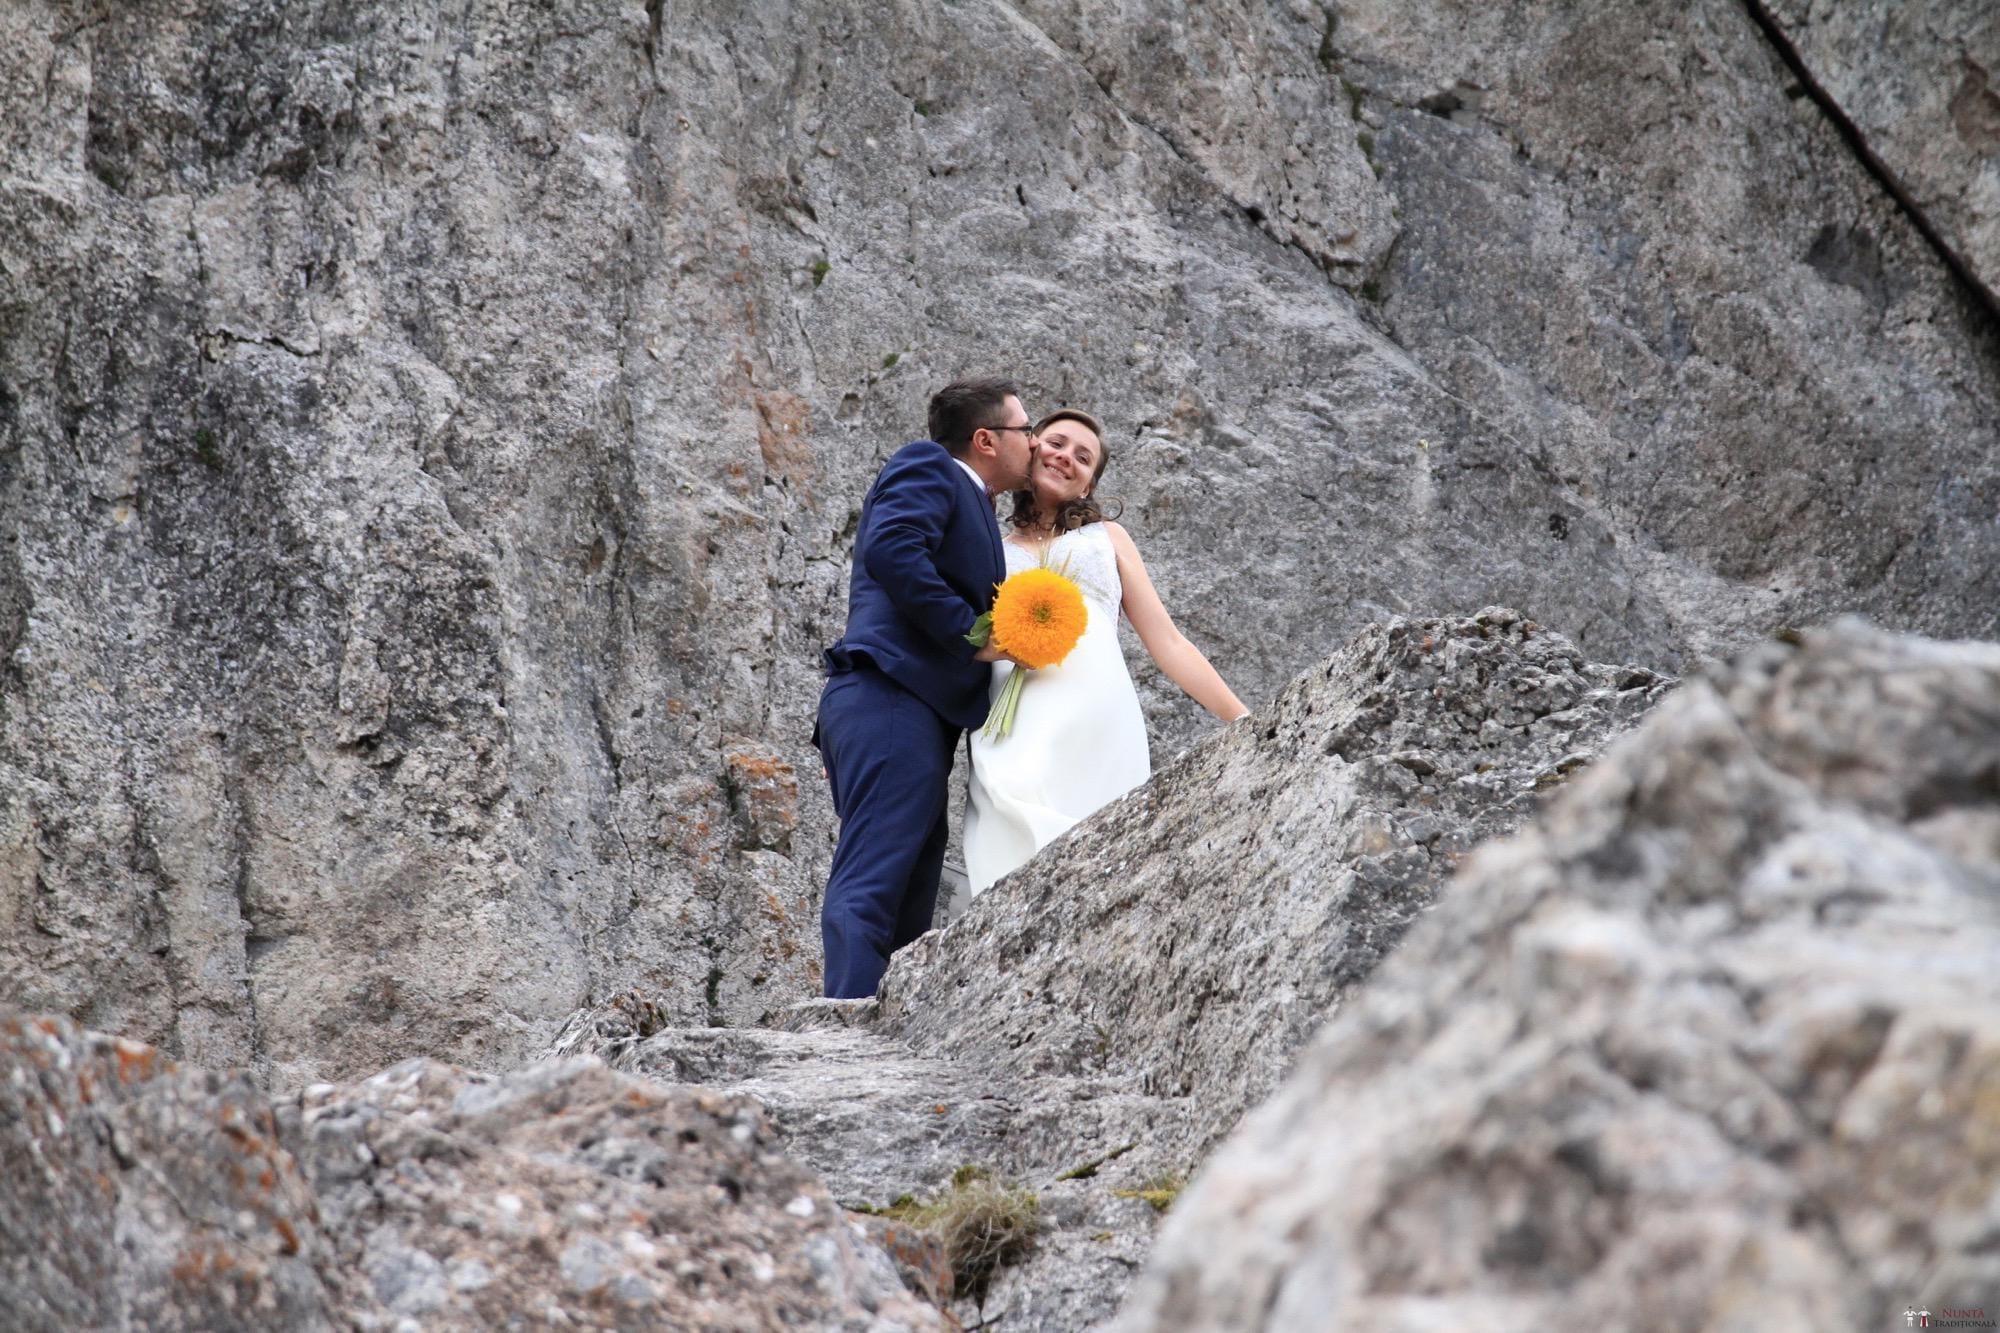 Povești Nunți Tradiționale - Florentina și Daniel. Nuntă tradițională la Poiana Negri 42